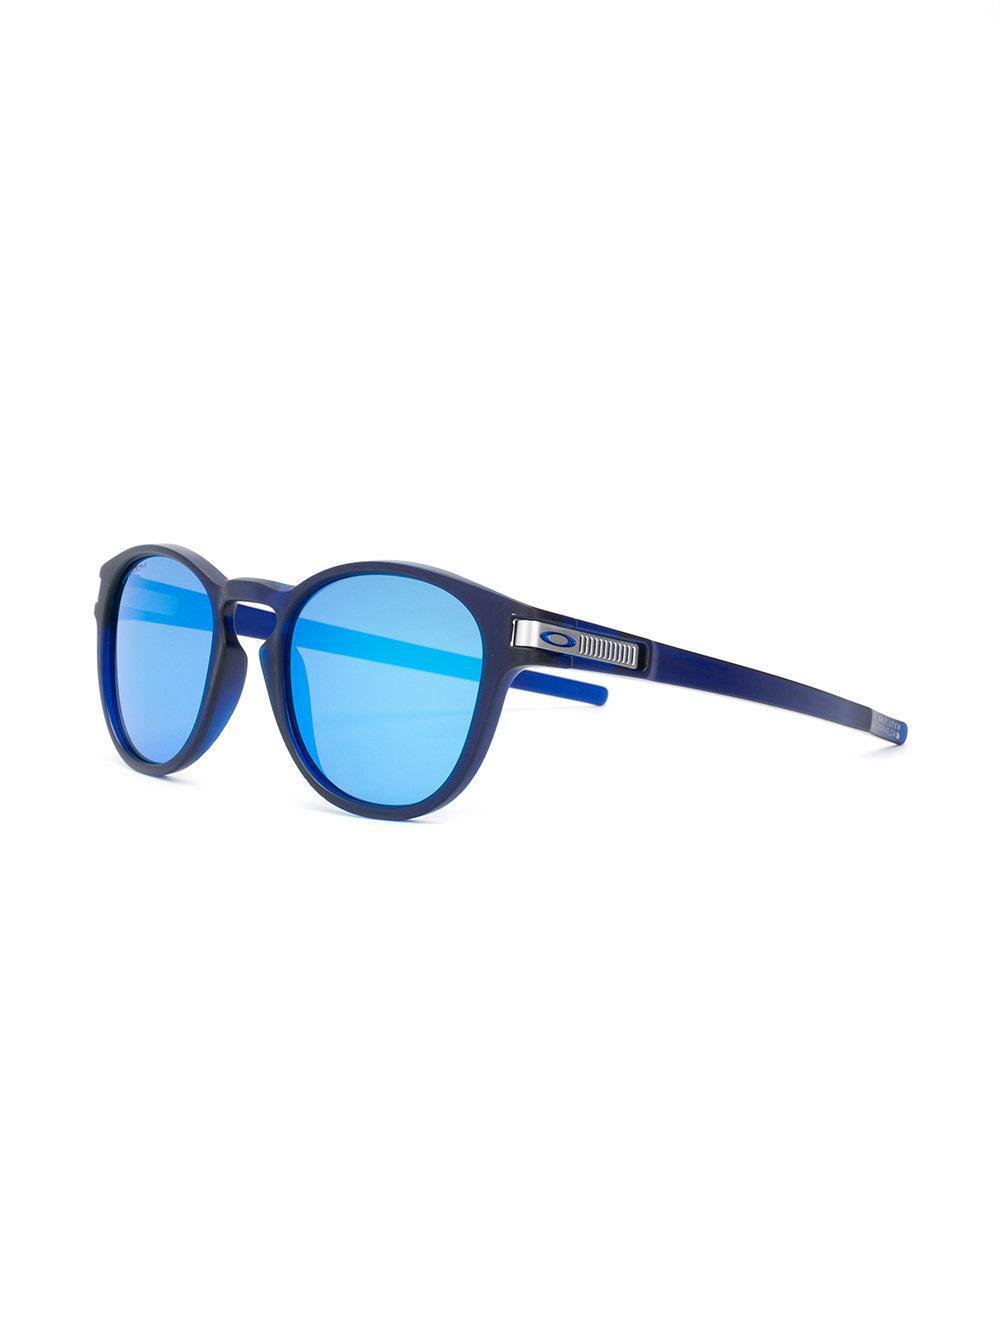 3d45296e51f2c Lyst - Lunettes de soleil Latch Oakley pour homme en coloris Bleu